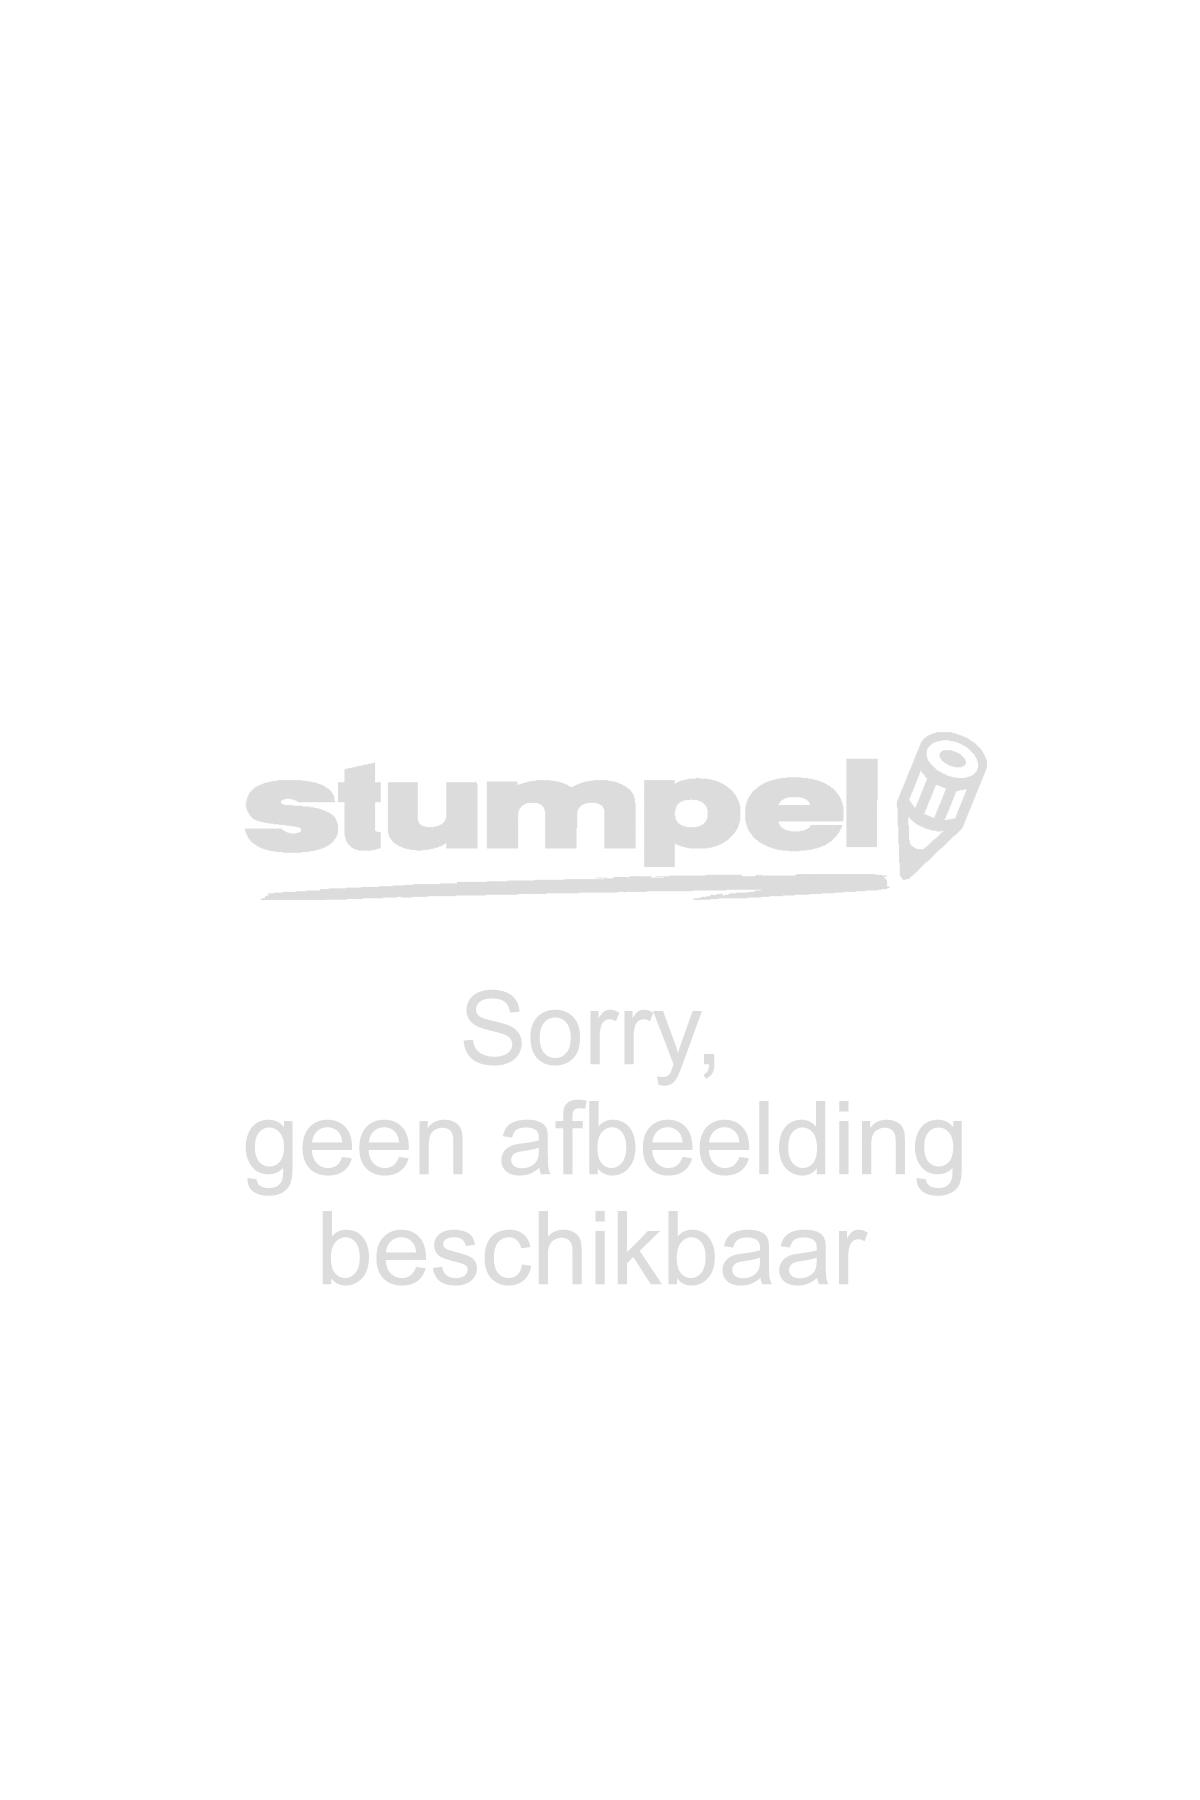 Markeerstift Stabilo Boss 7054 oranje